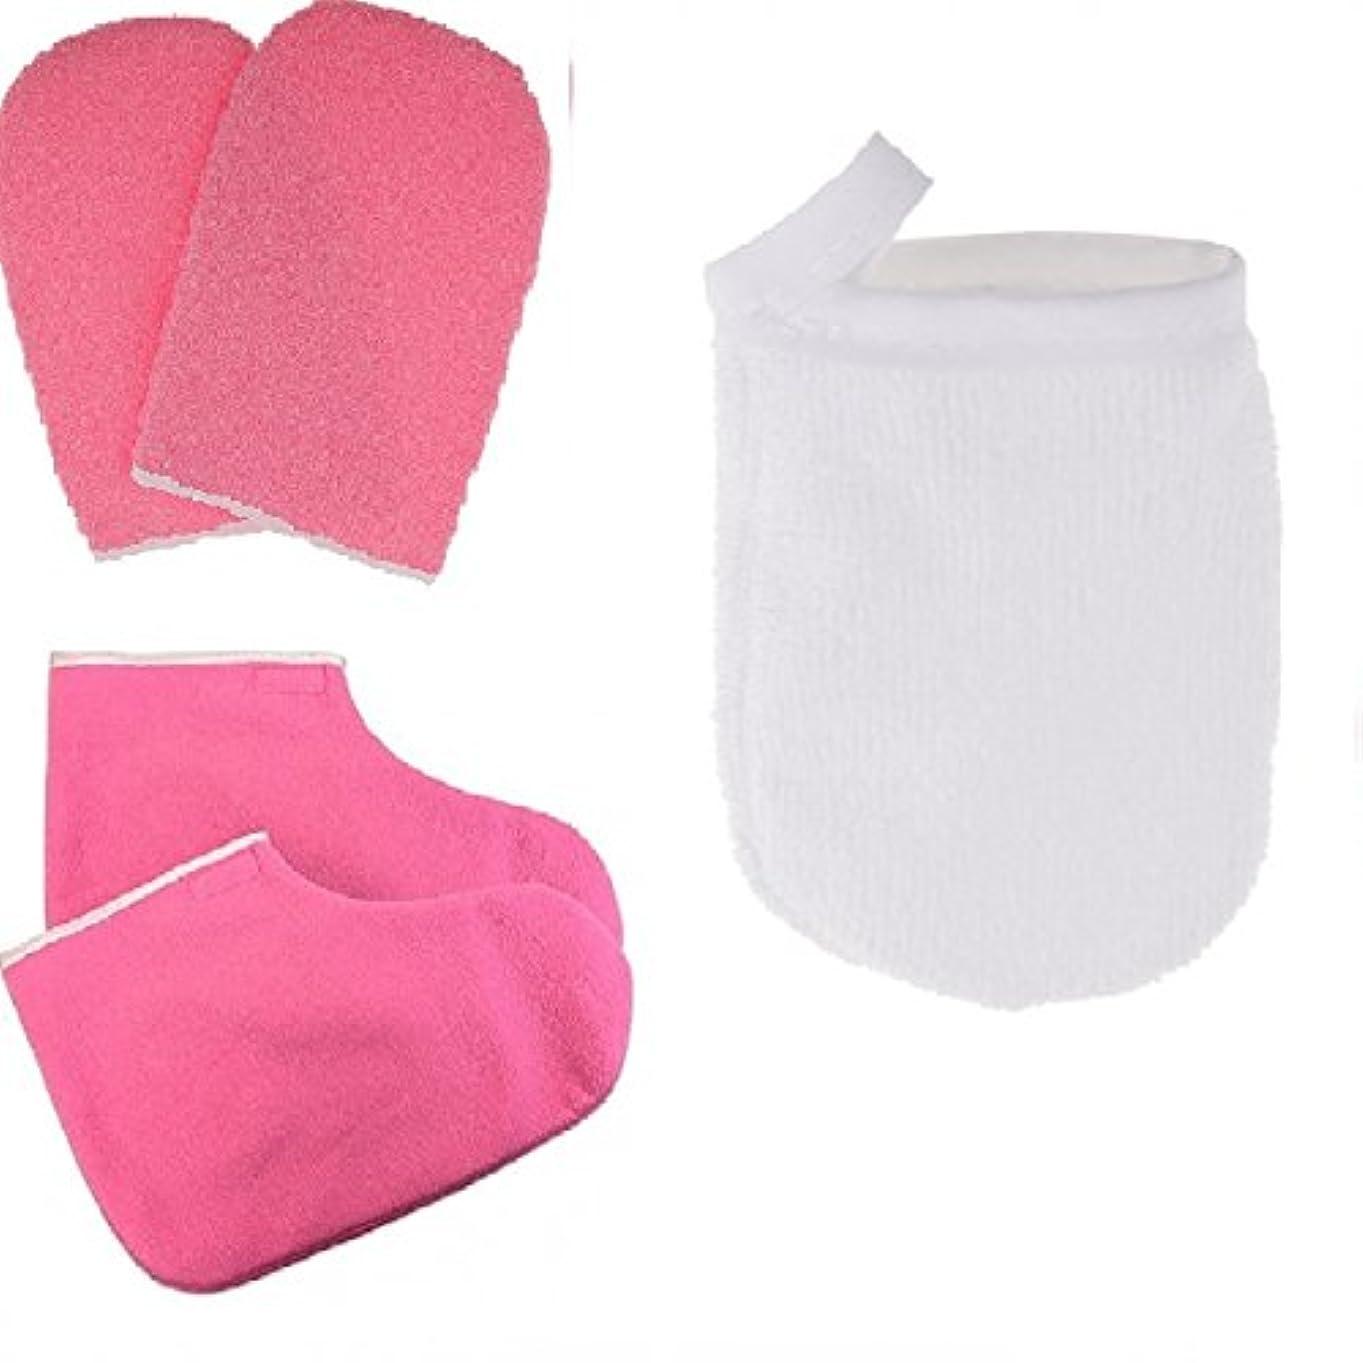 ジャニス味方ハッピーFenteer パラフィンワックス手袋 グローブ 保護手袋 クレンジンググローブ メイクリムーバー パッド